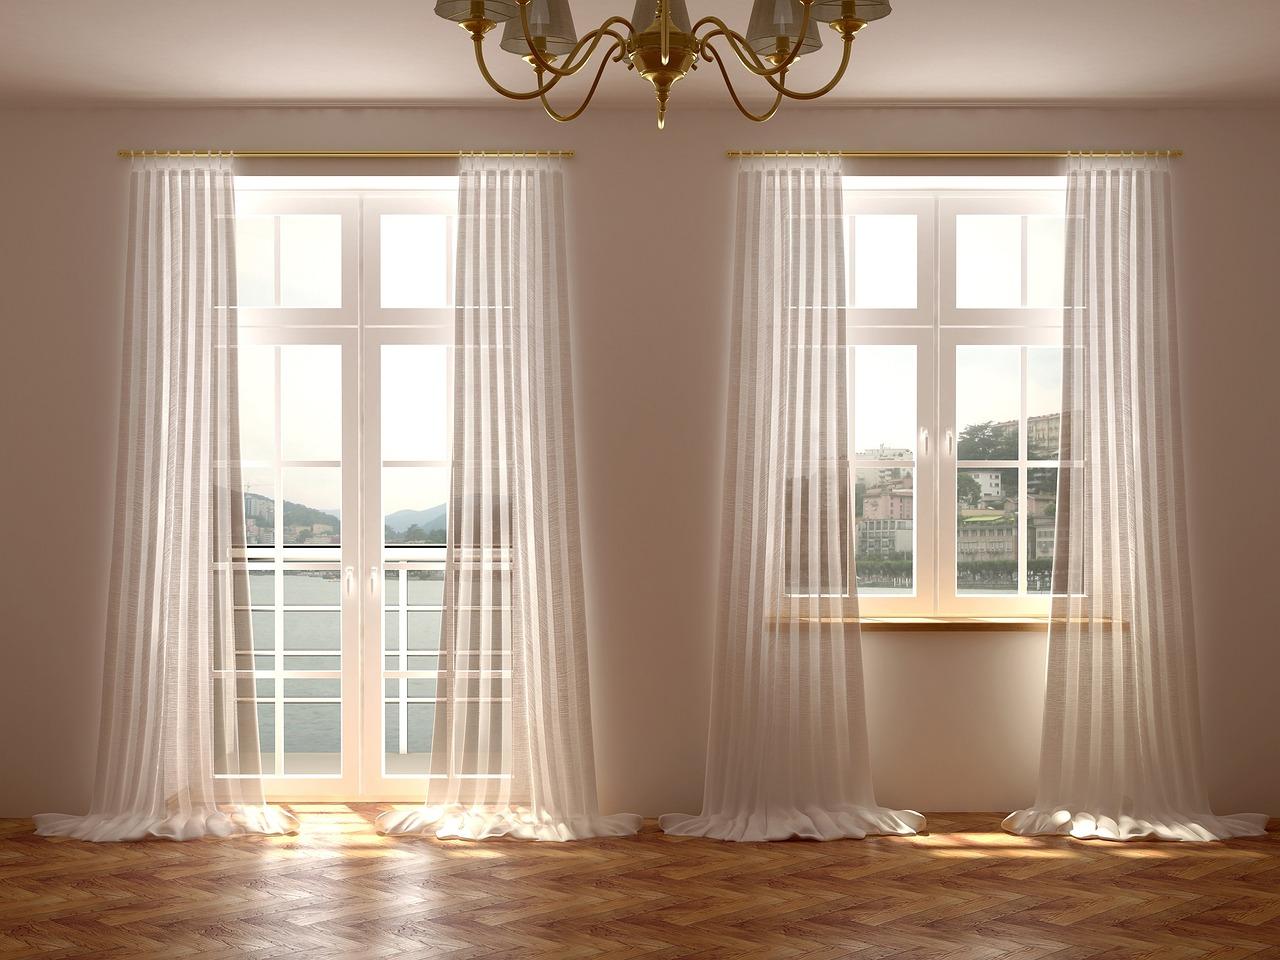 могилу картинка три окна бесстолпное пространство